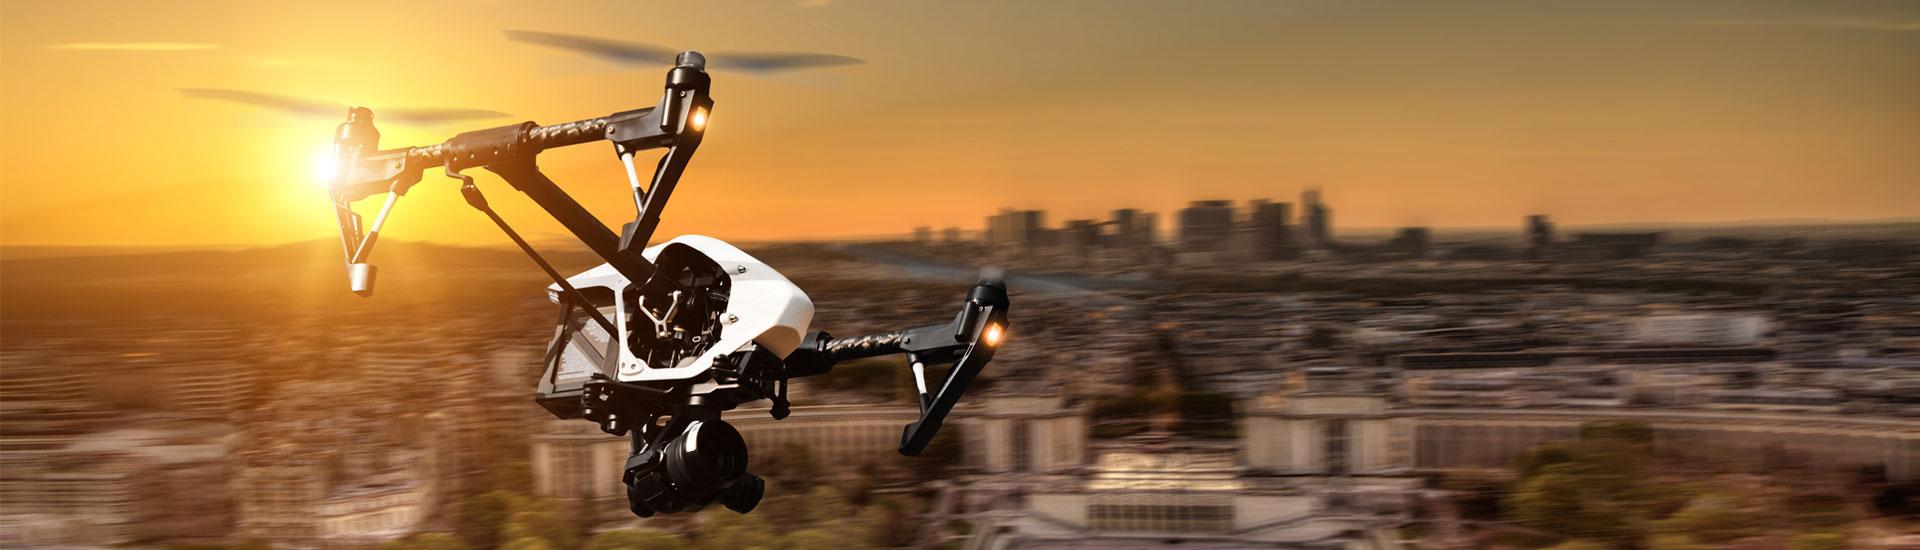 drohnen-luftbilder-luftbildaufnahmen-hs2jpg